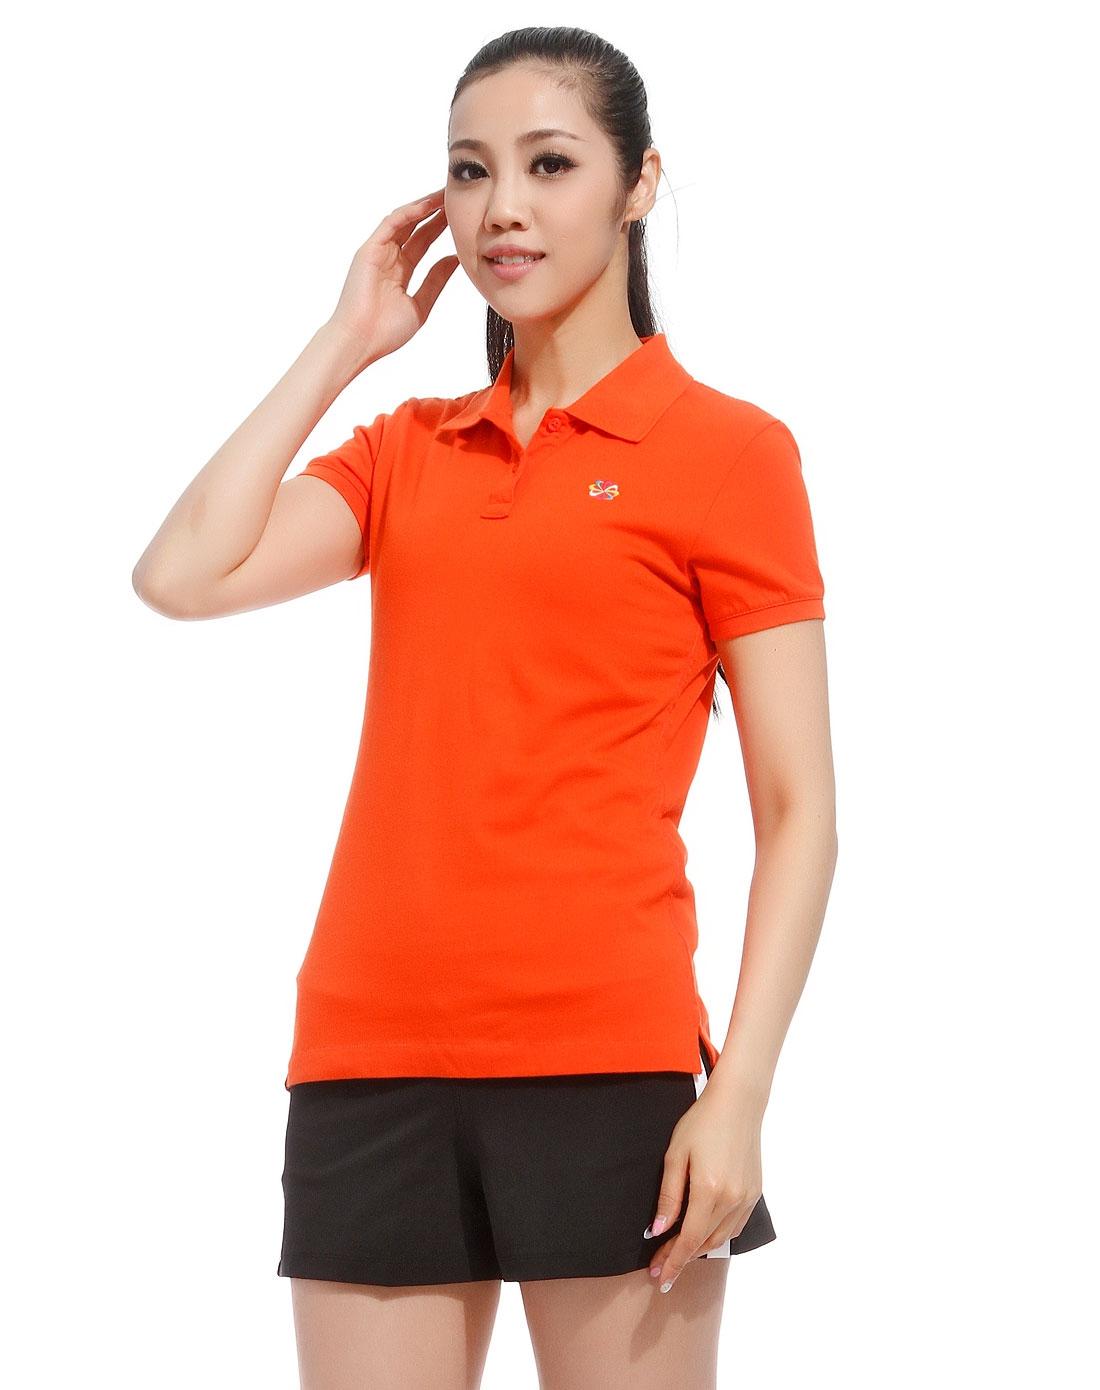 衣_t恤 t恤 服装 衣服 运动衣 1100_1390 竖版 竖屏